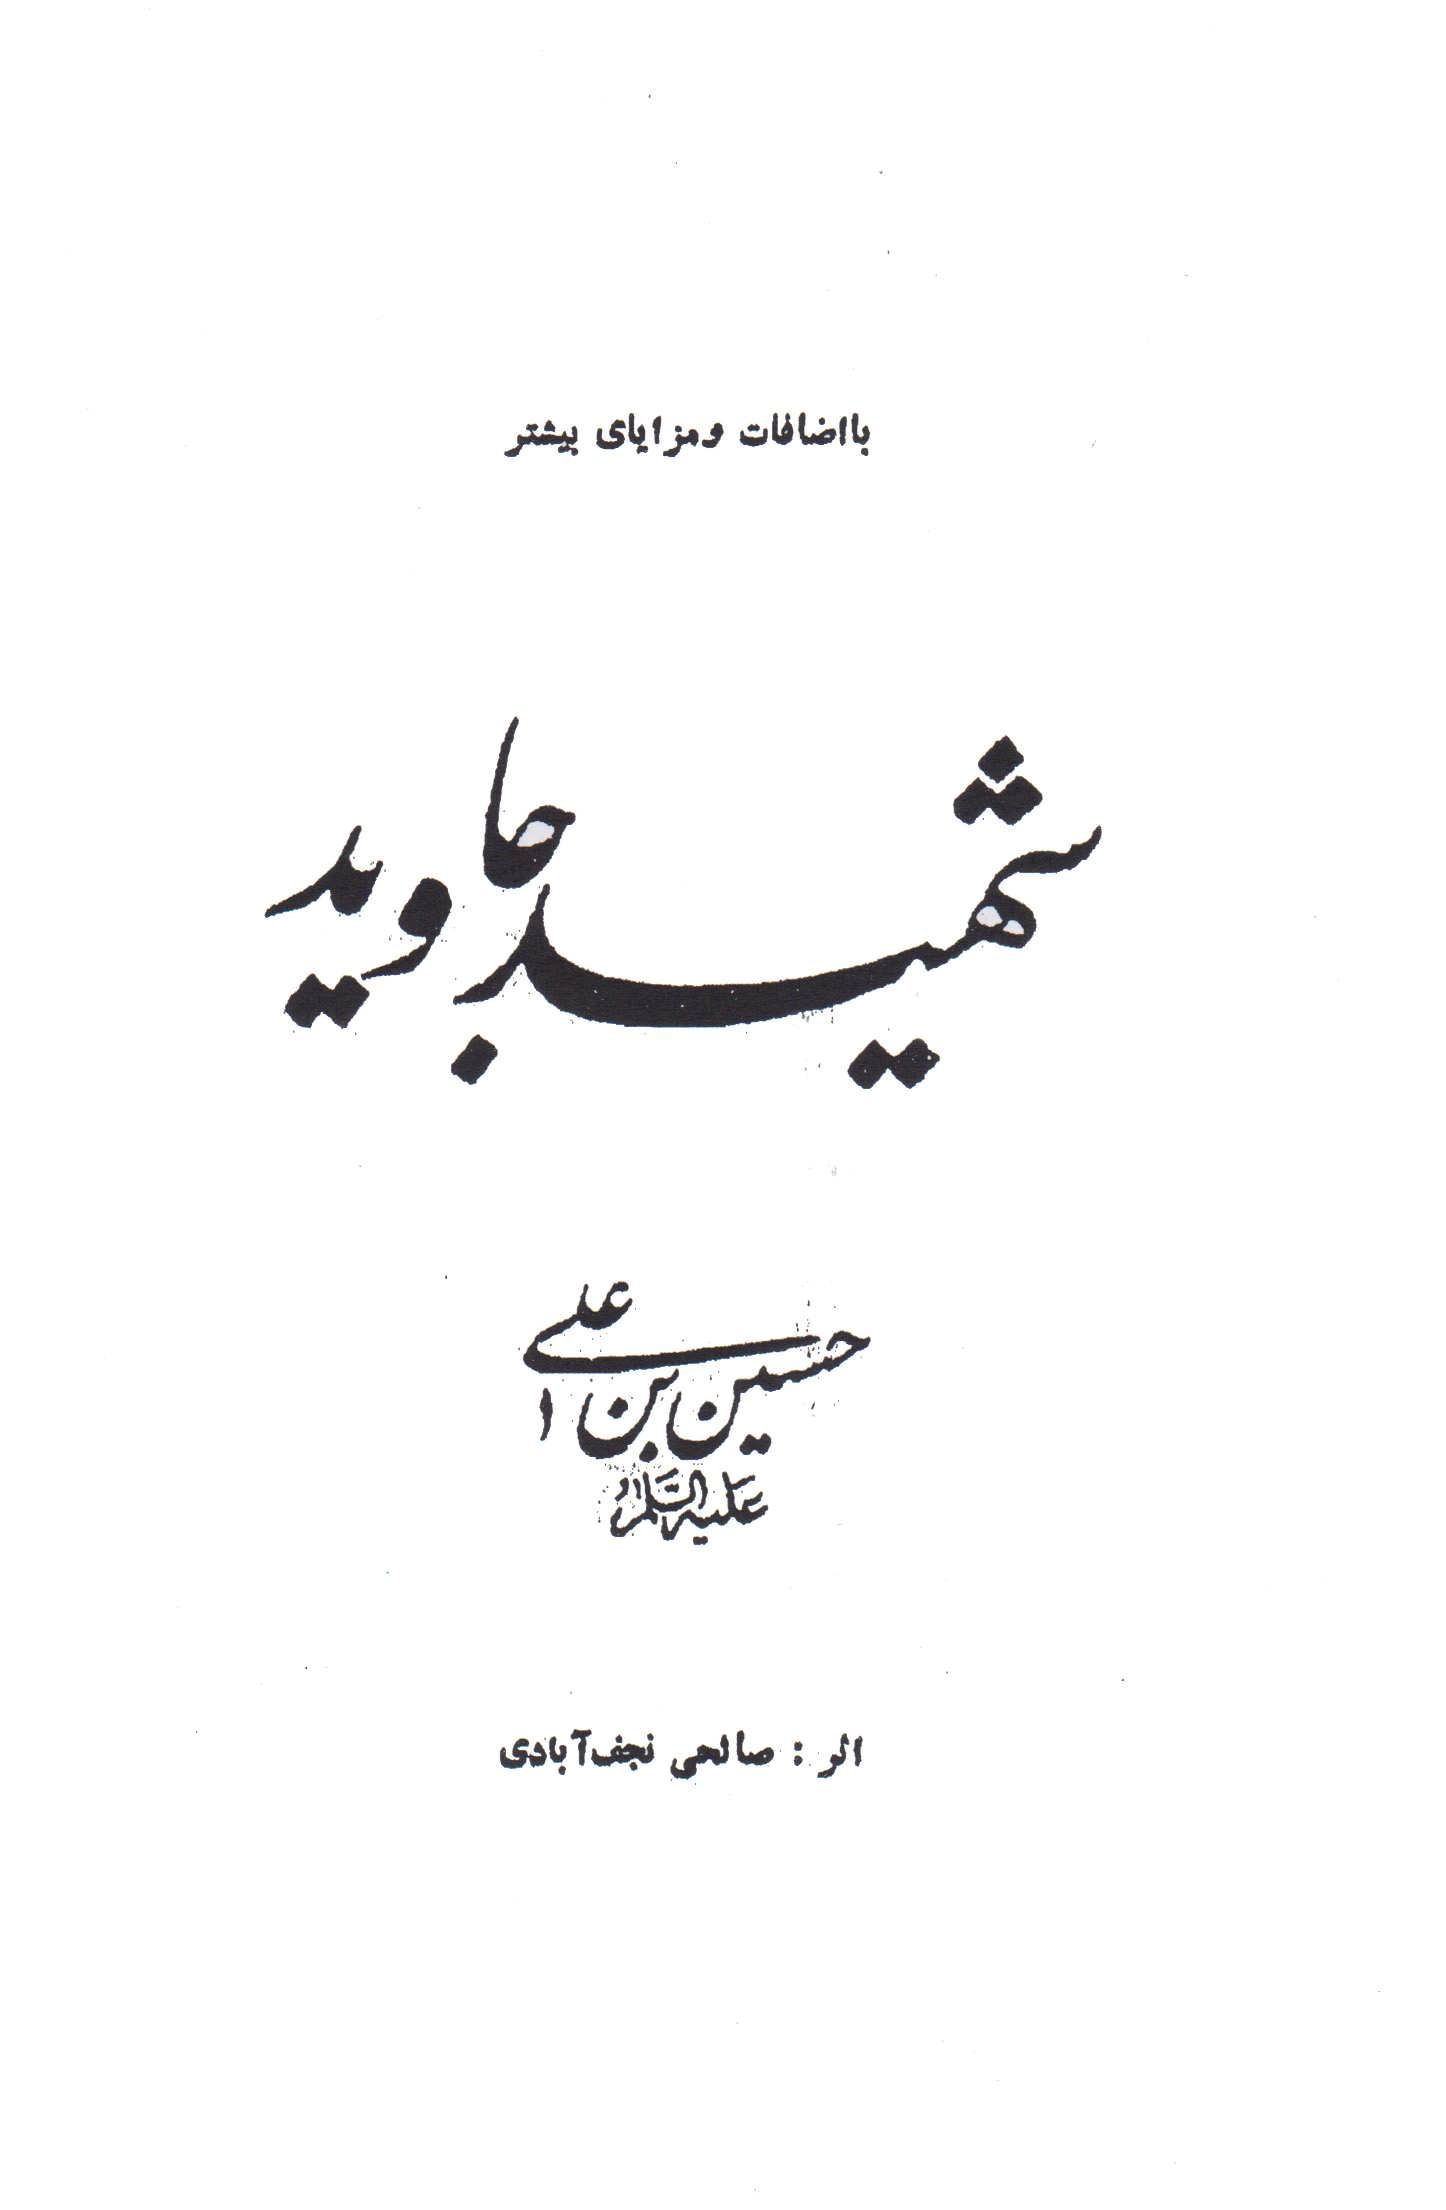 شهید جاوید (درباره فلسفه قیام امام حسین (ع))